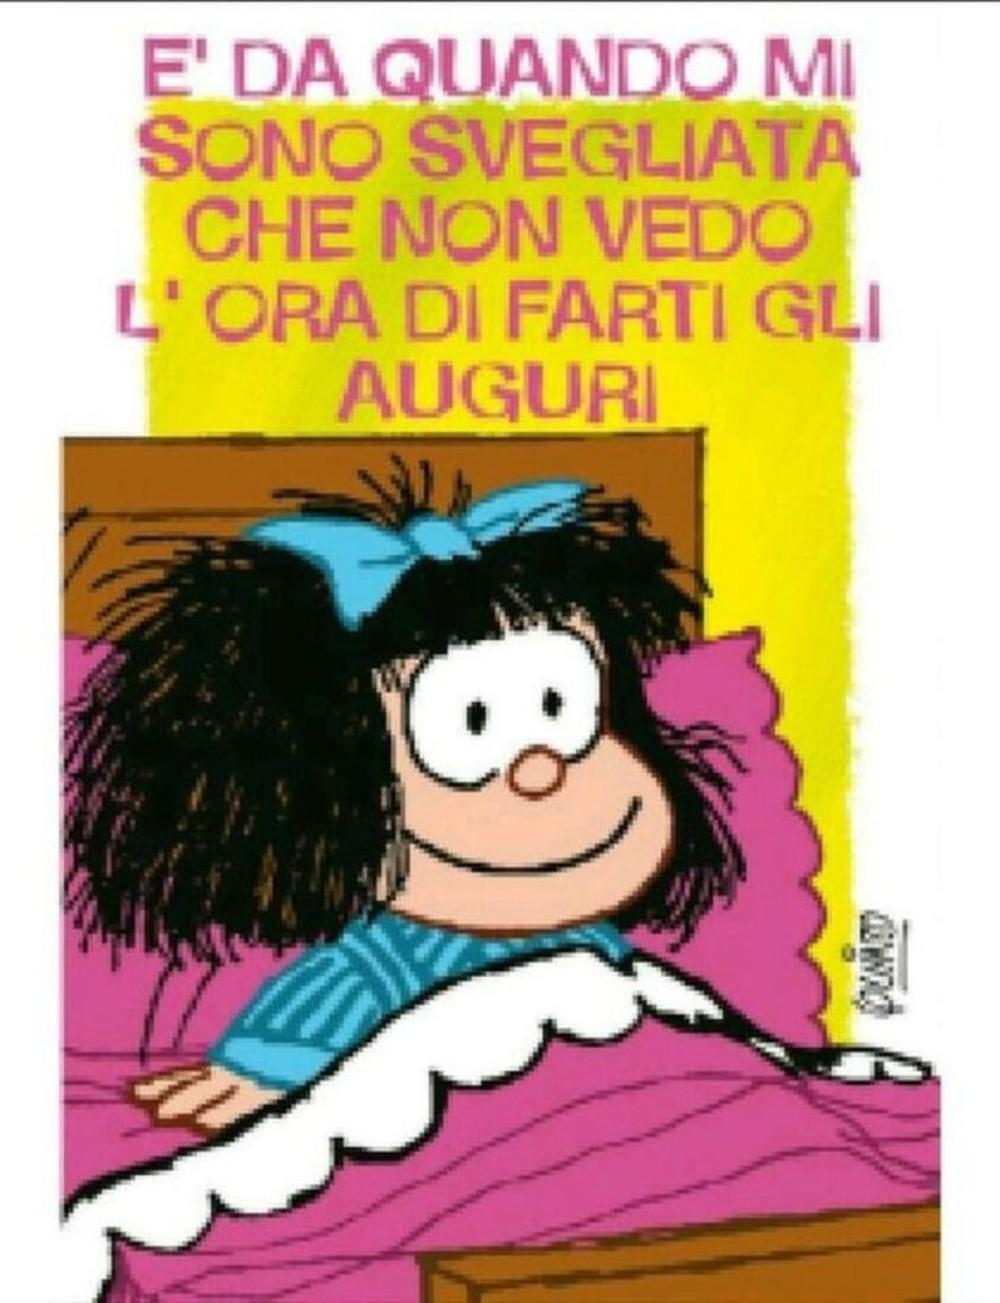 E' da quando mi sono svegliata che non vedo l'ora di farti gli auguri! (Mafalda)